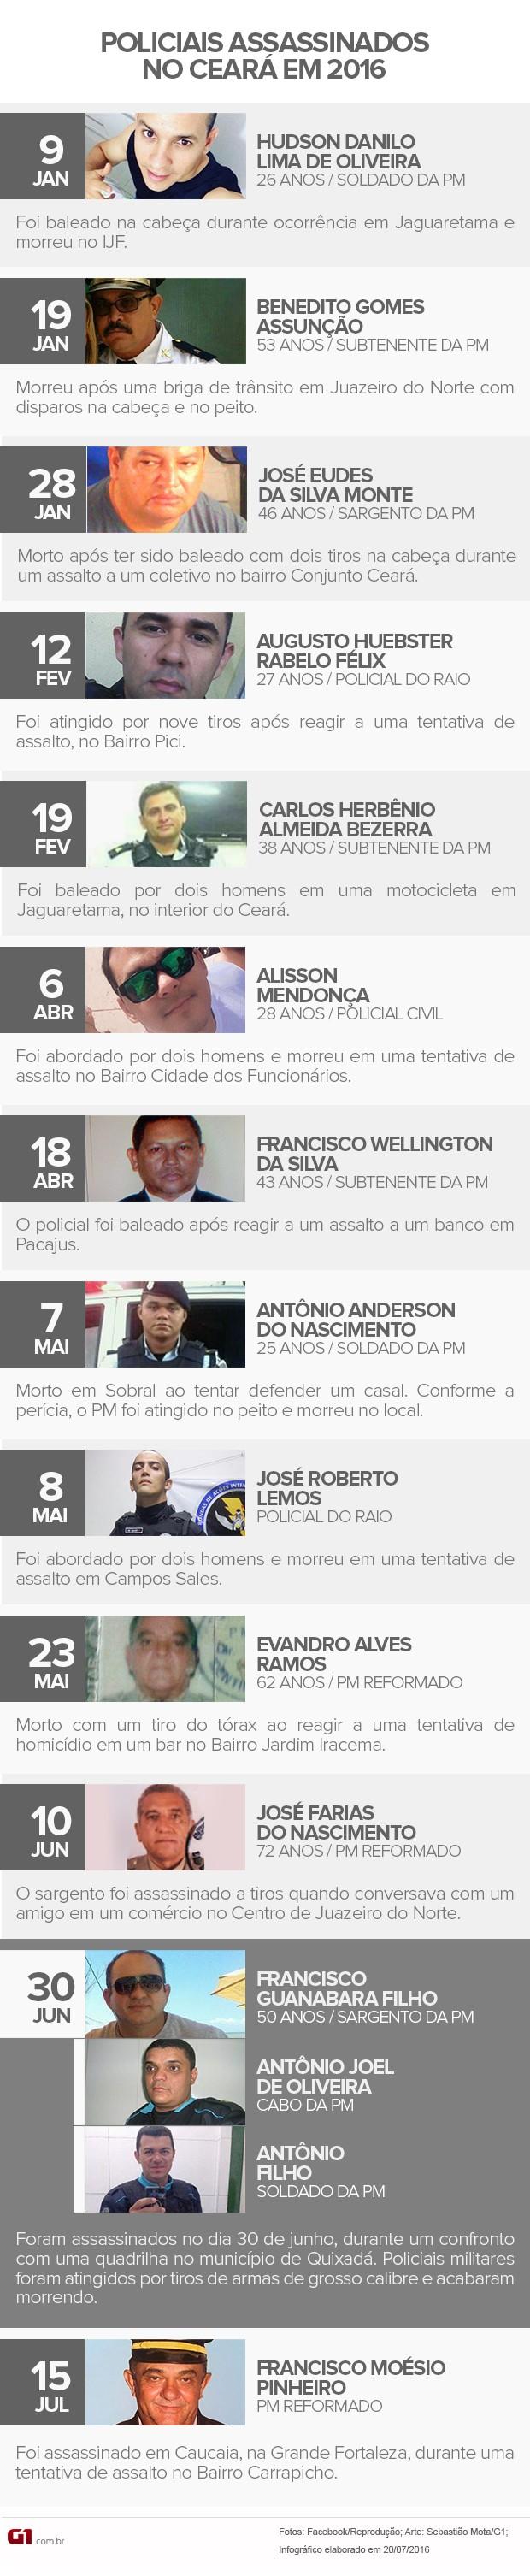 Em 2016, 15 policiais foram assassinados no Ceará (Foto: Sebastião Mota/G1)